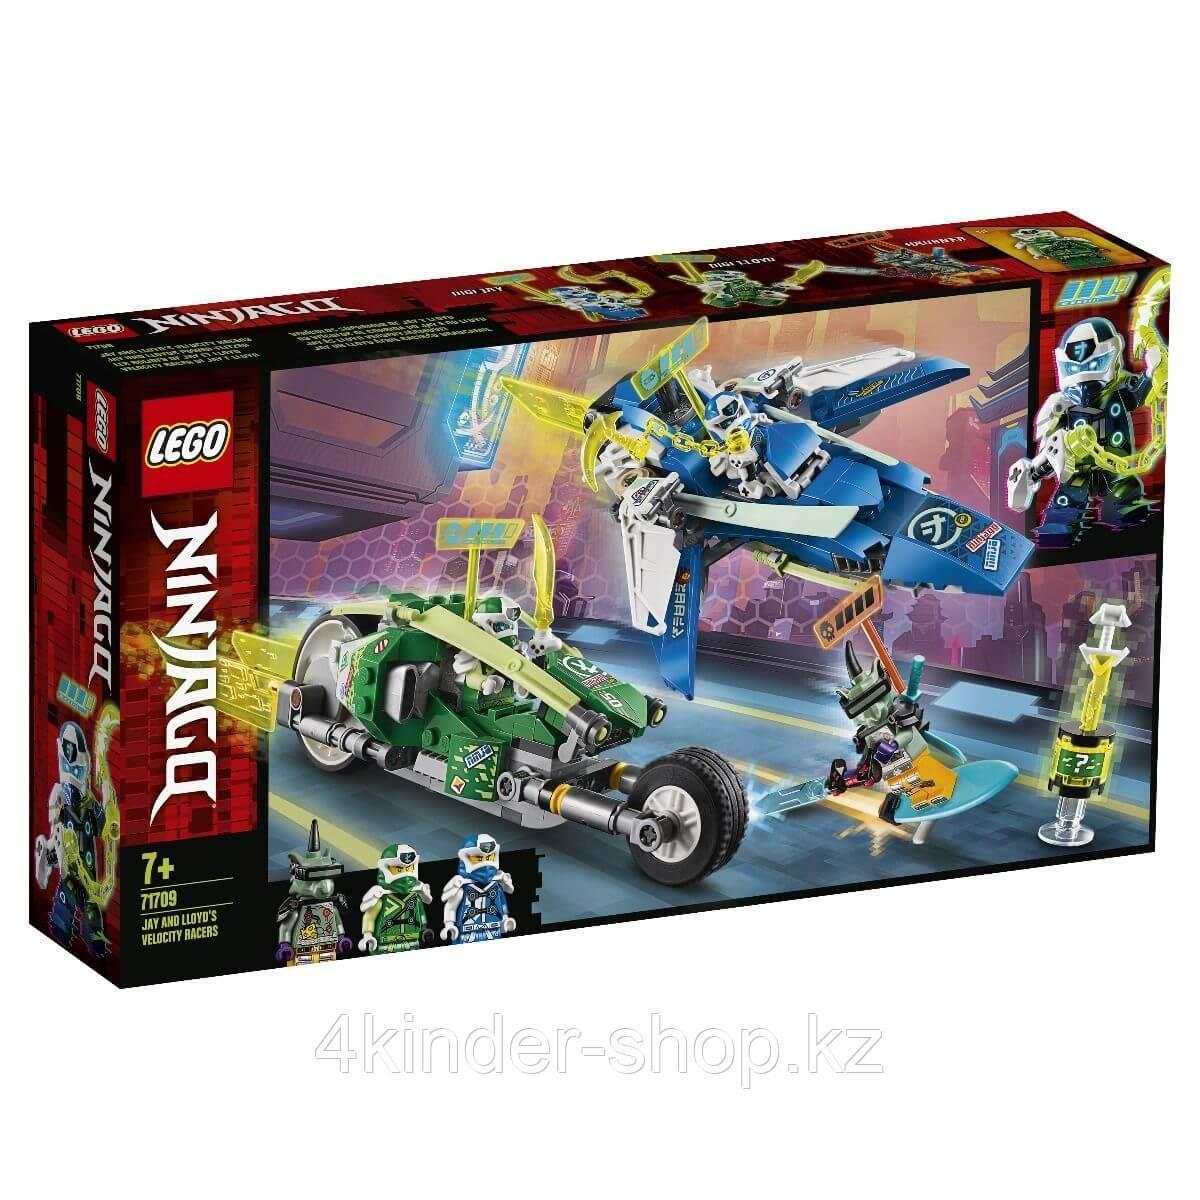 LEGO: Скоростные машины Джея и Ллойда Ninjago 71709 - фото 1